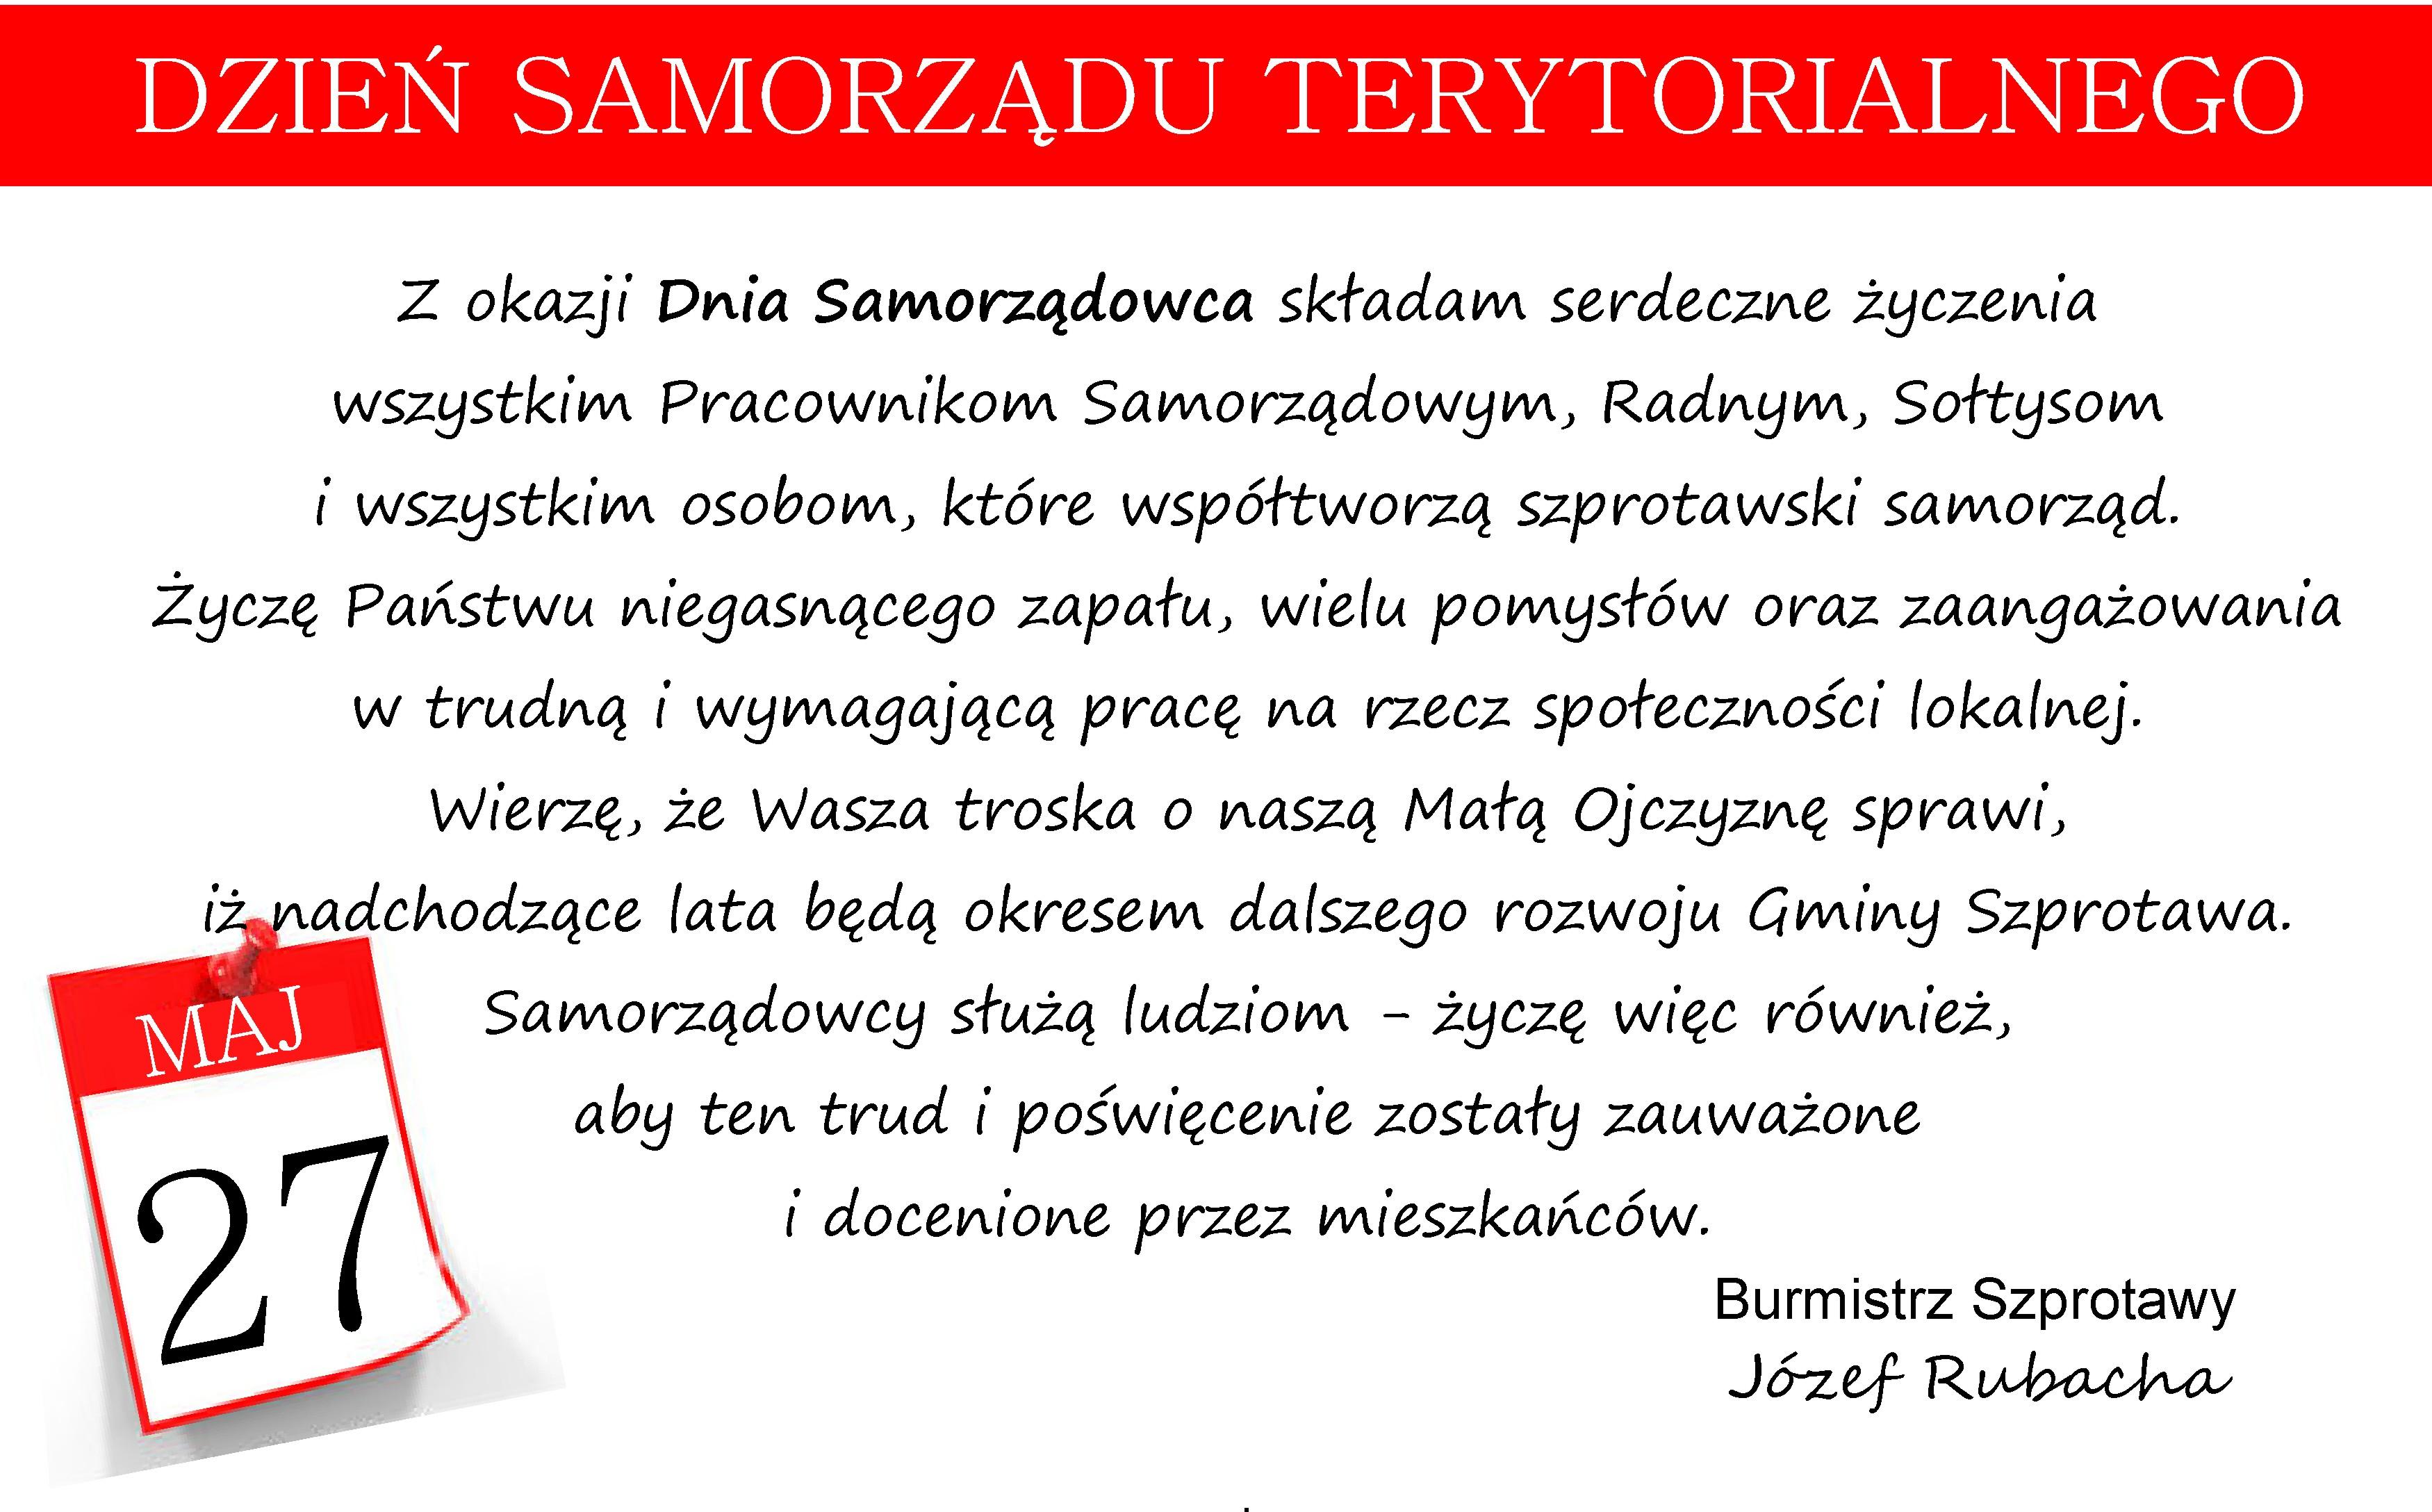 Ilustracja do informacji: 27 maja - Dzień Samorządu Terytorialnego